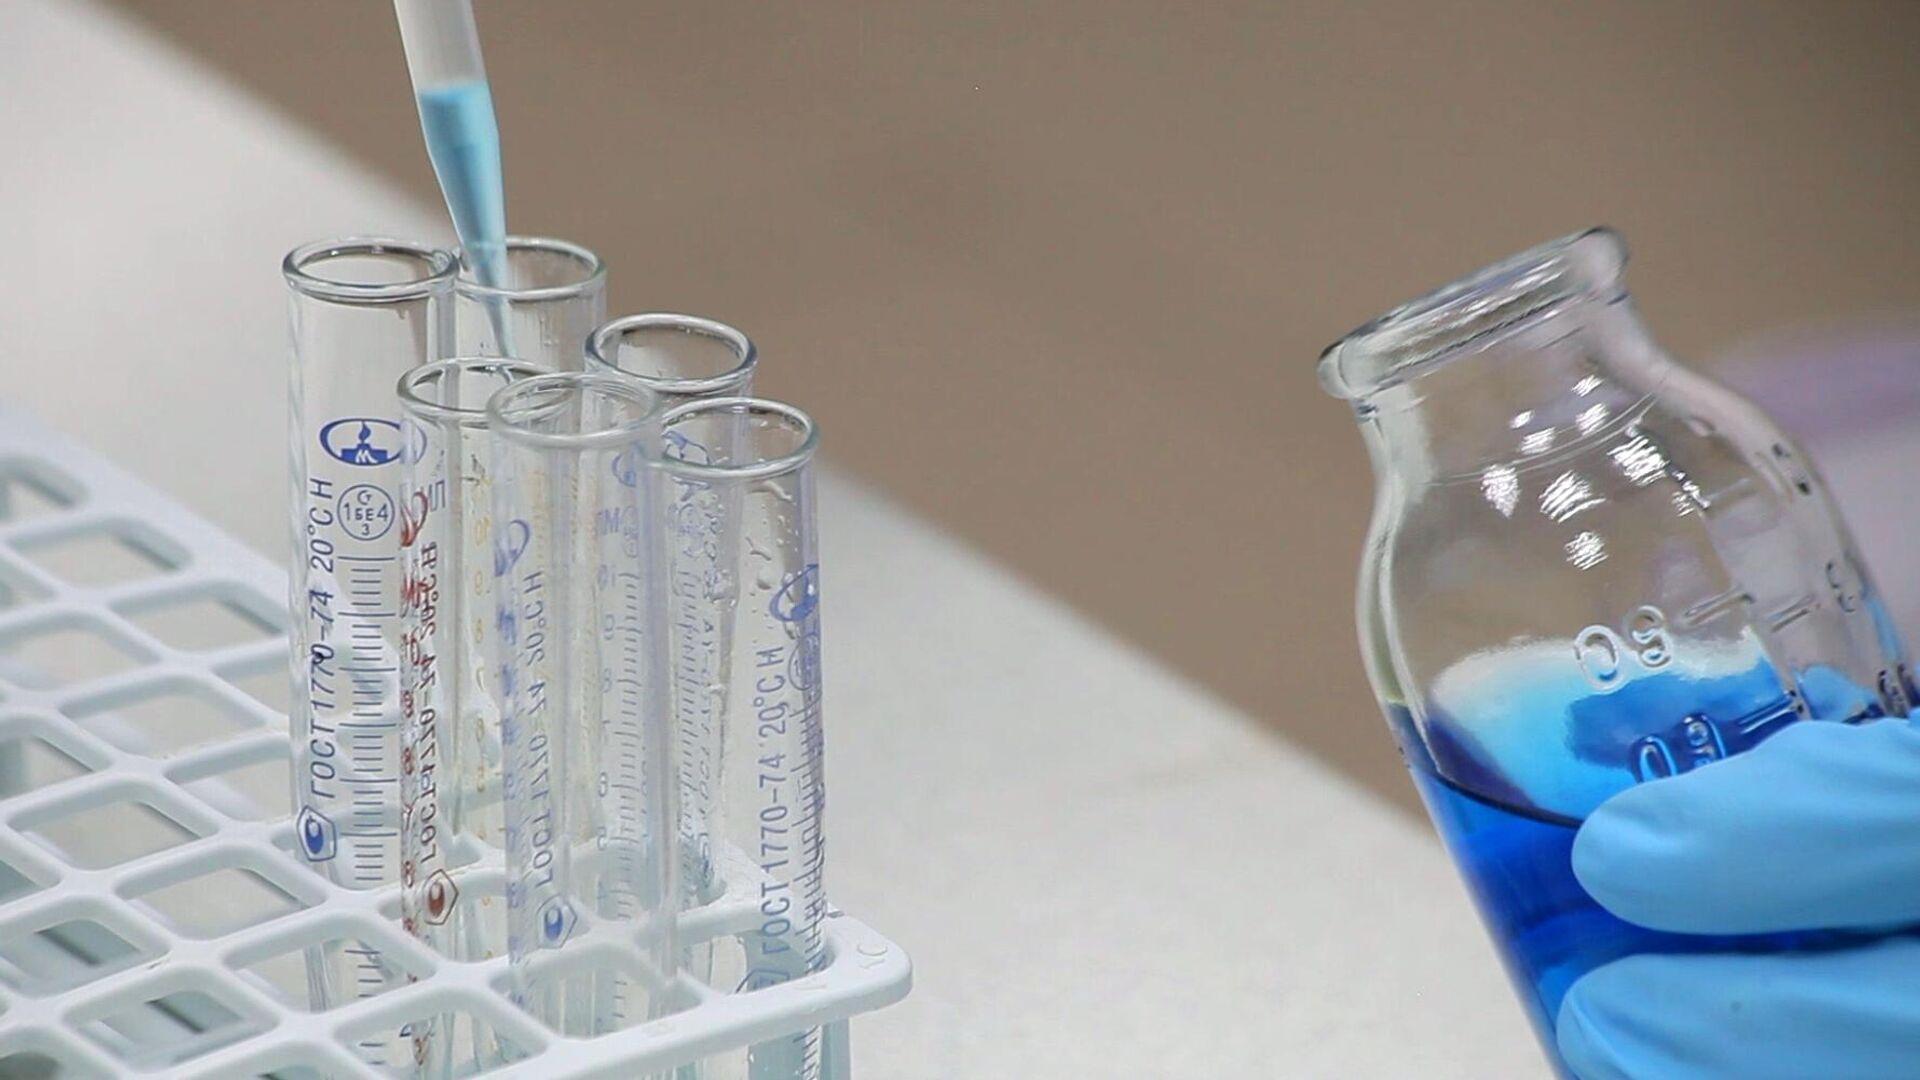 Производство препарата Ковид-глобулин на основе плазмы крови переболевших COVID-19 - РИА Новости, 1920, 02.10.2021